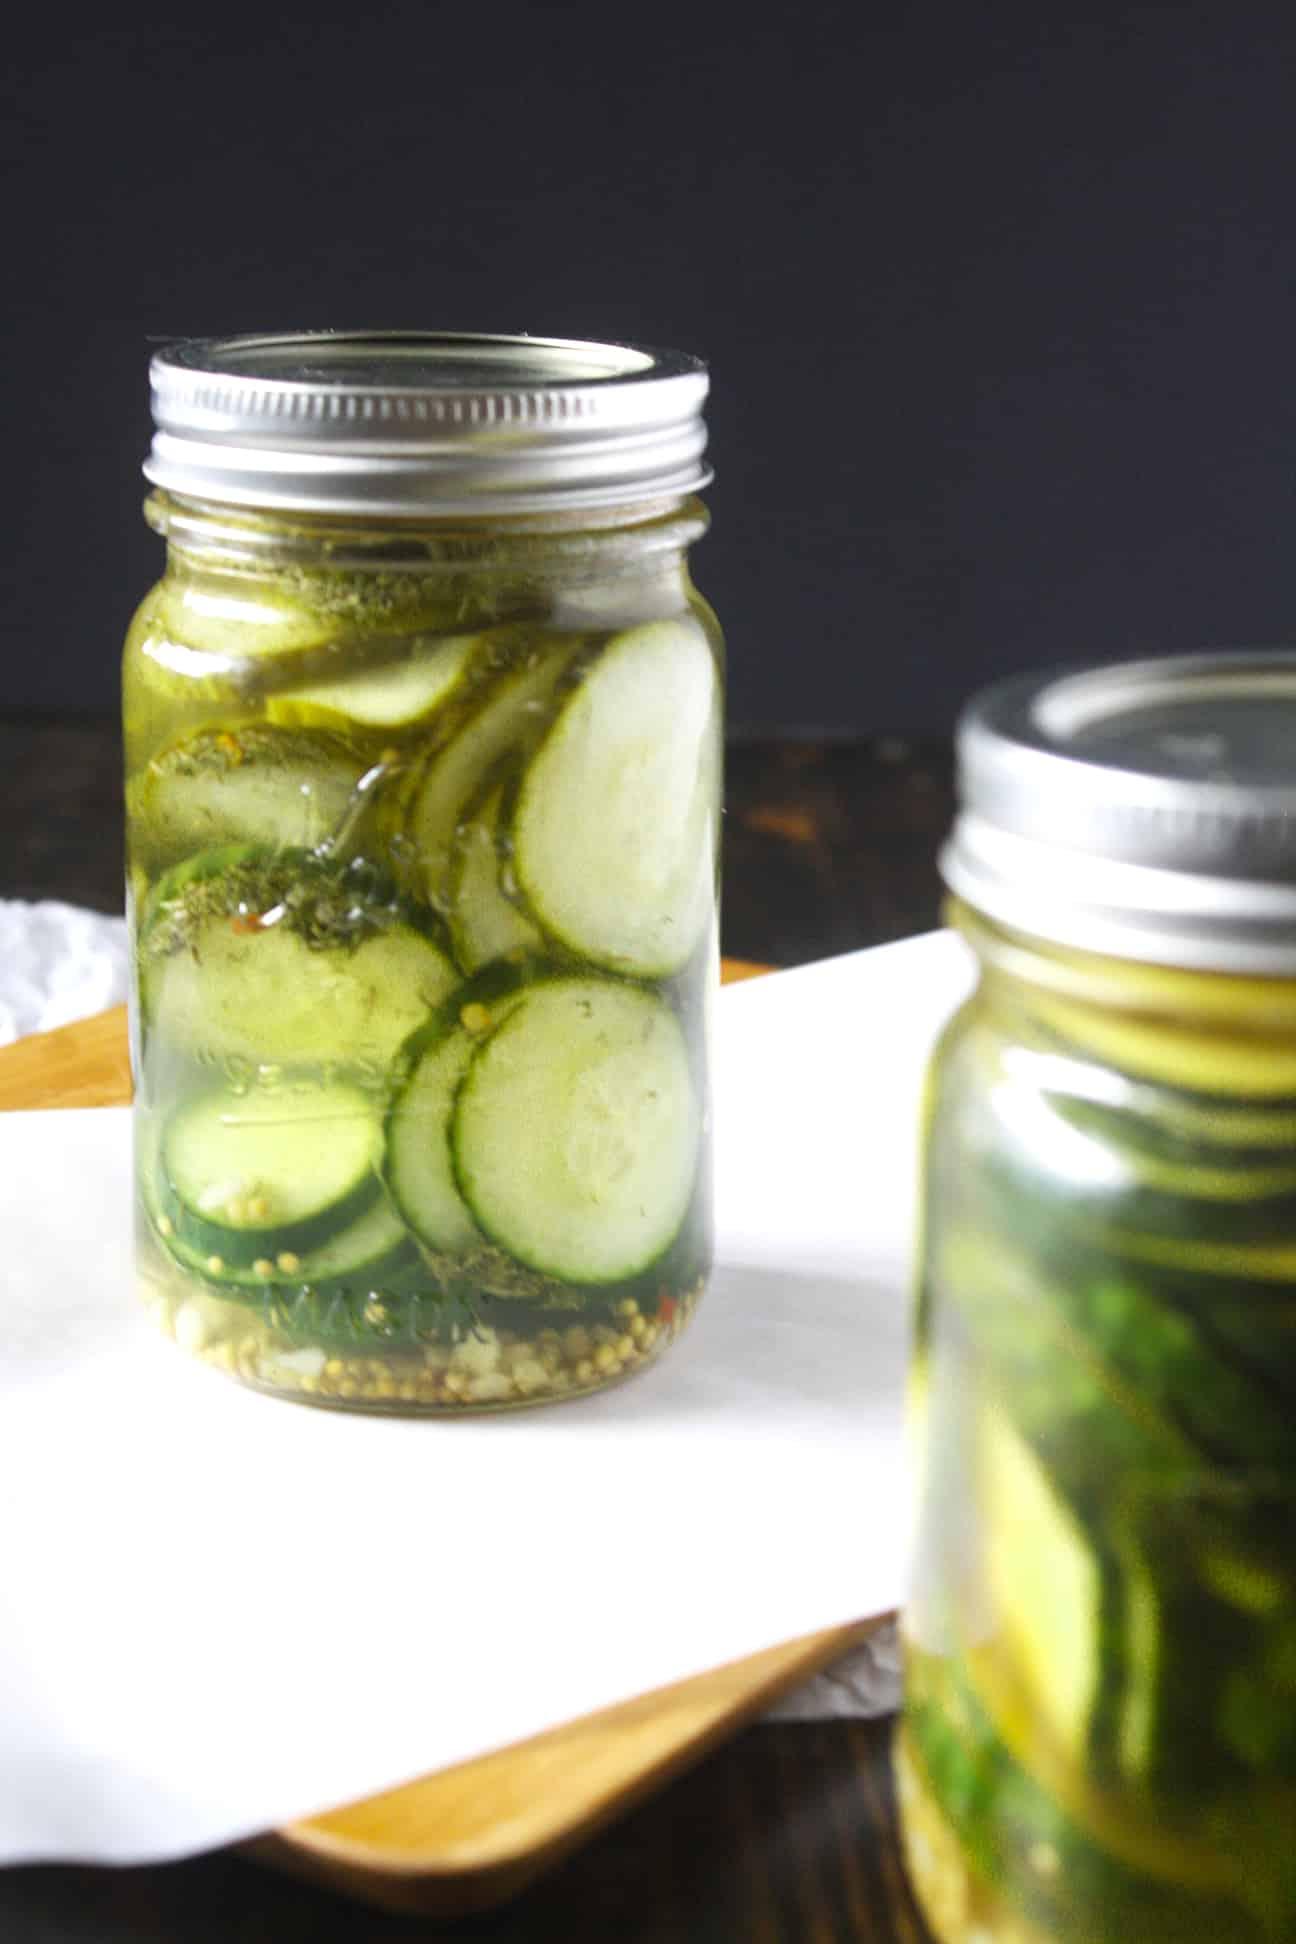 Small Batch Dill Pickle Recipe